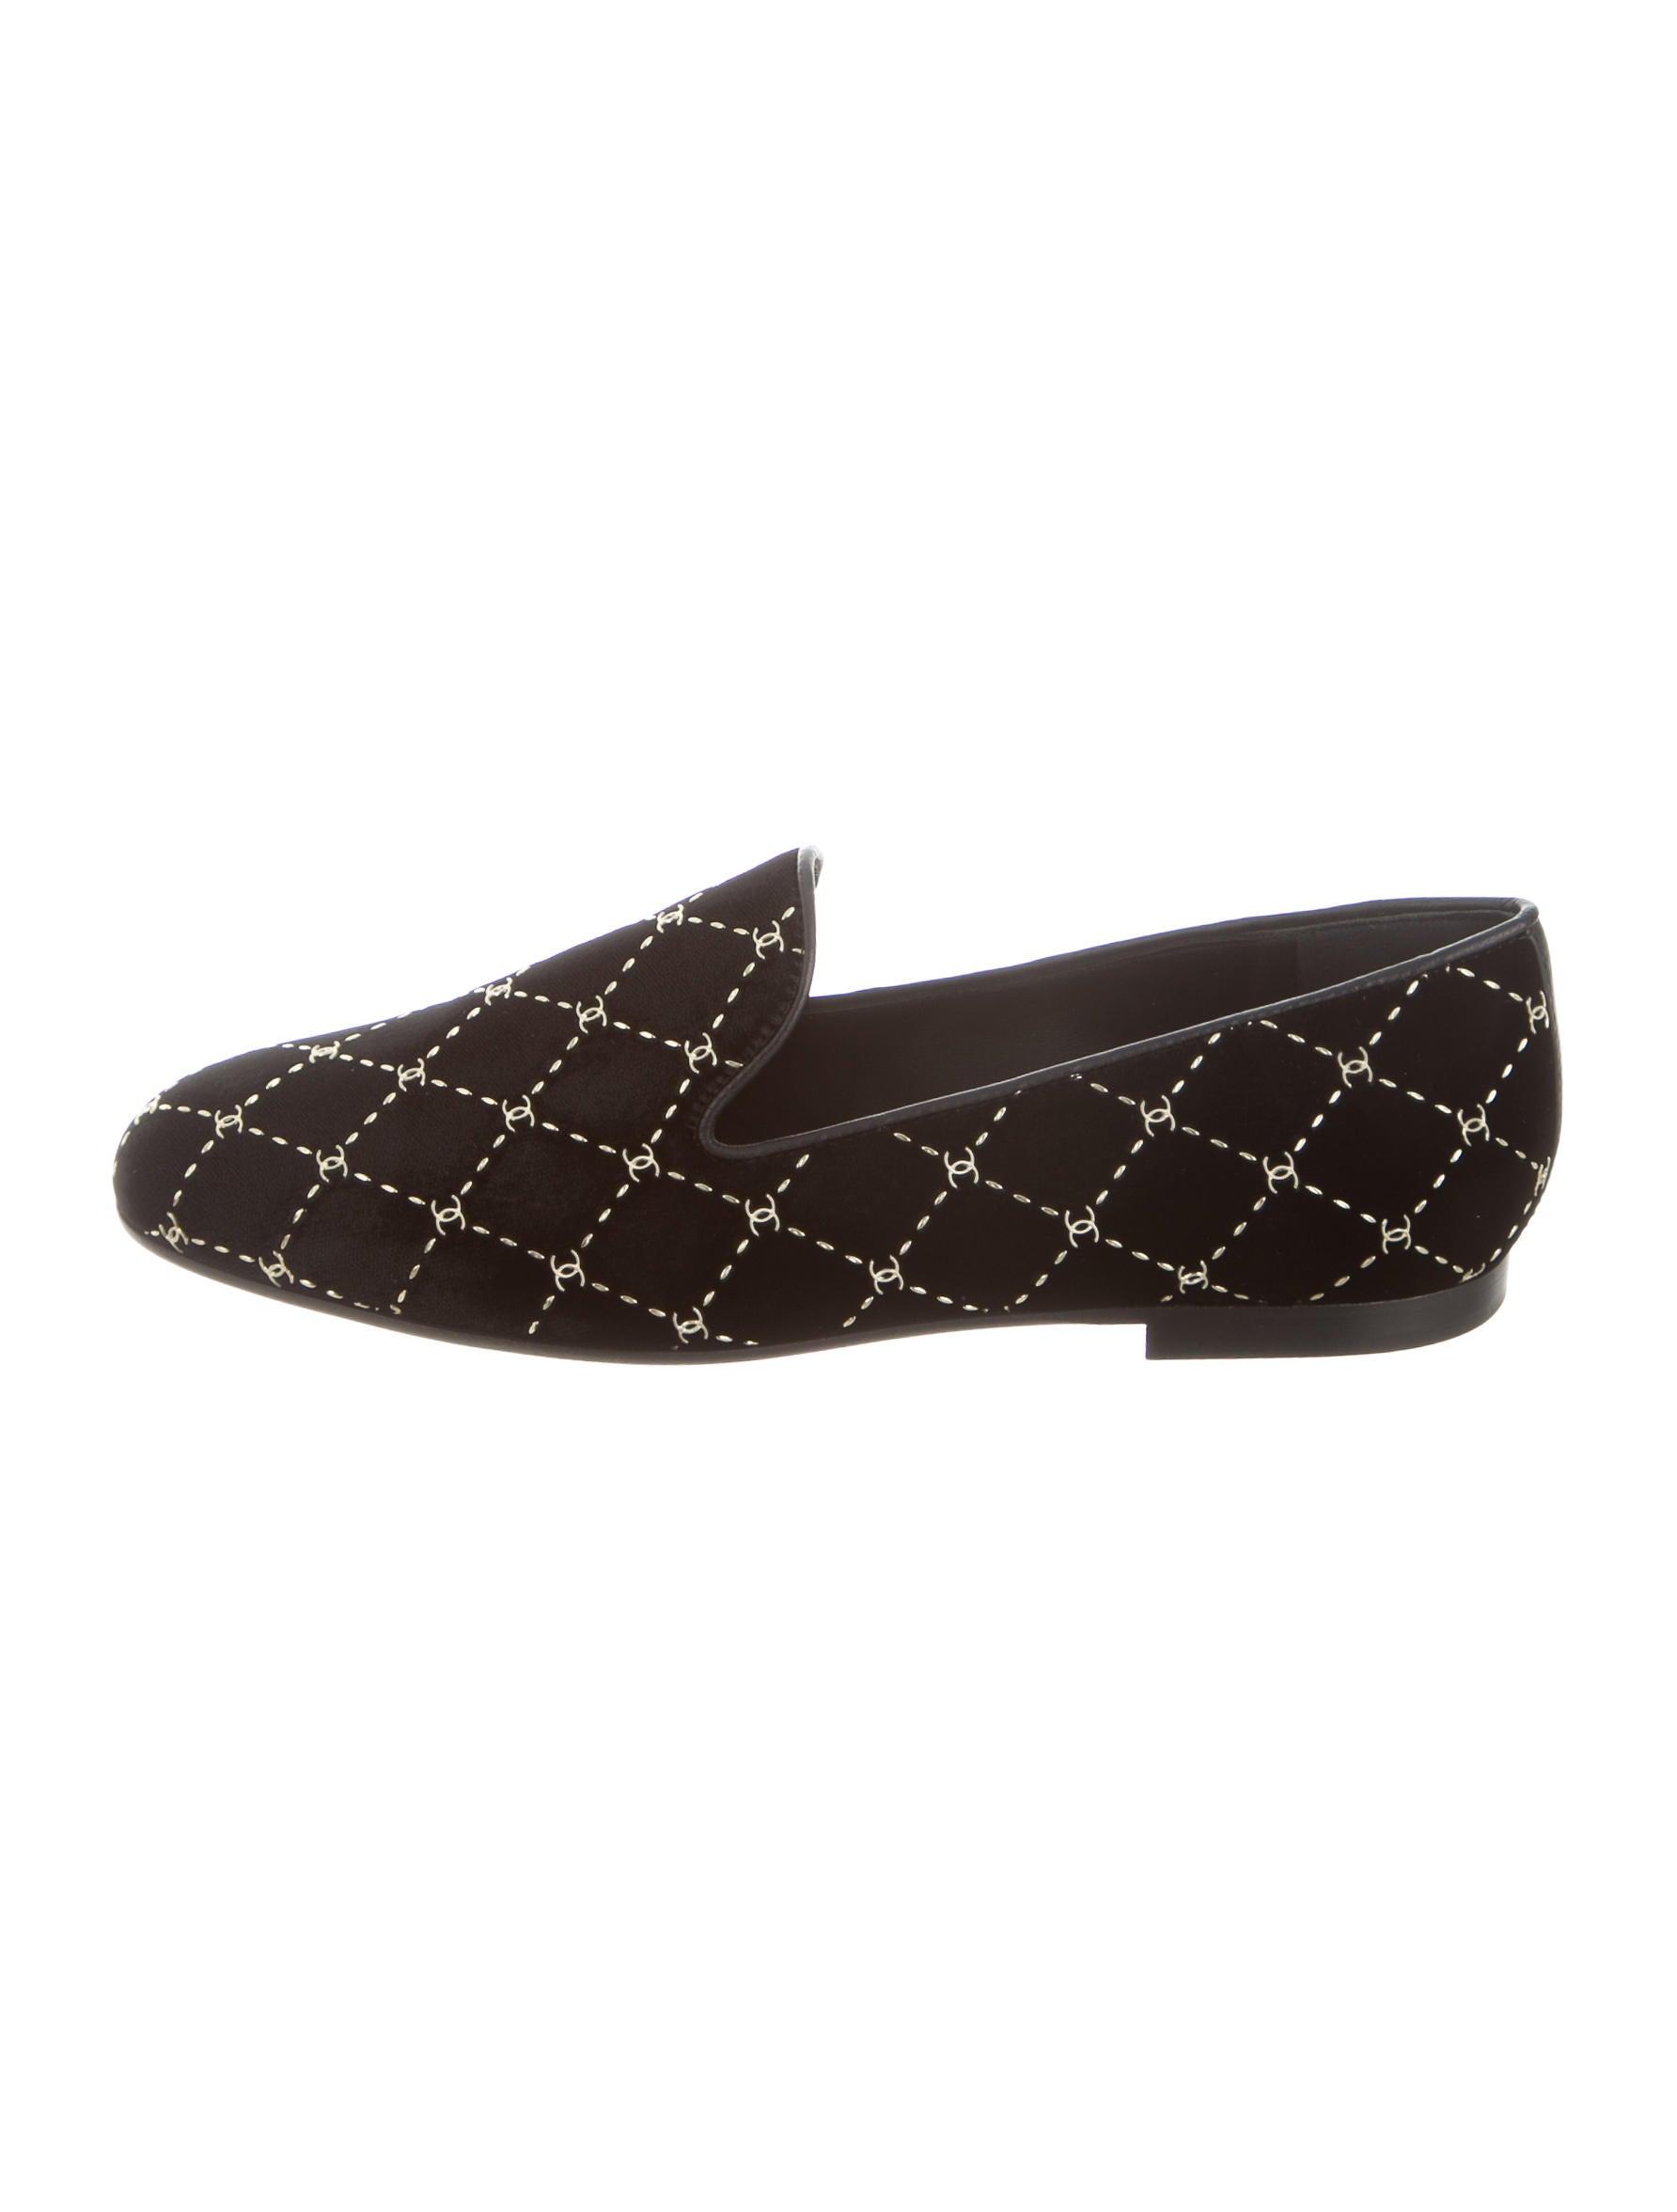 bde58de3742 Chanel 2017 CC Velvet Loafers w  Tags - Shoes - CHA210530